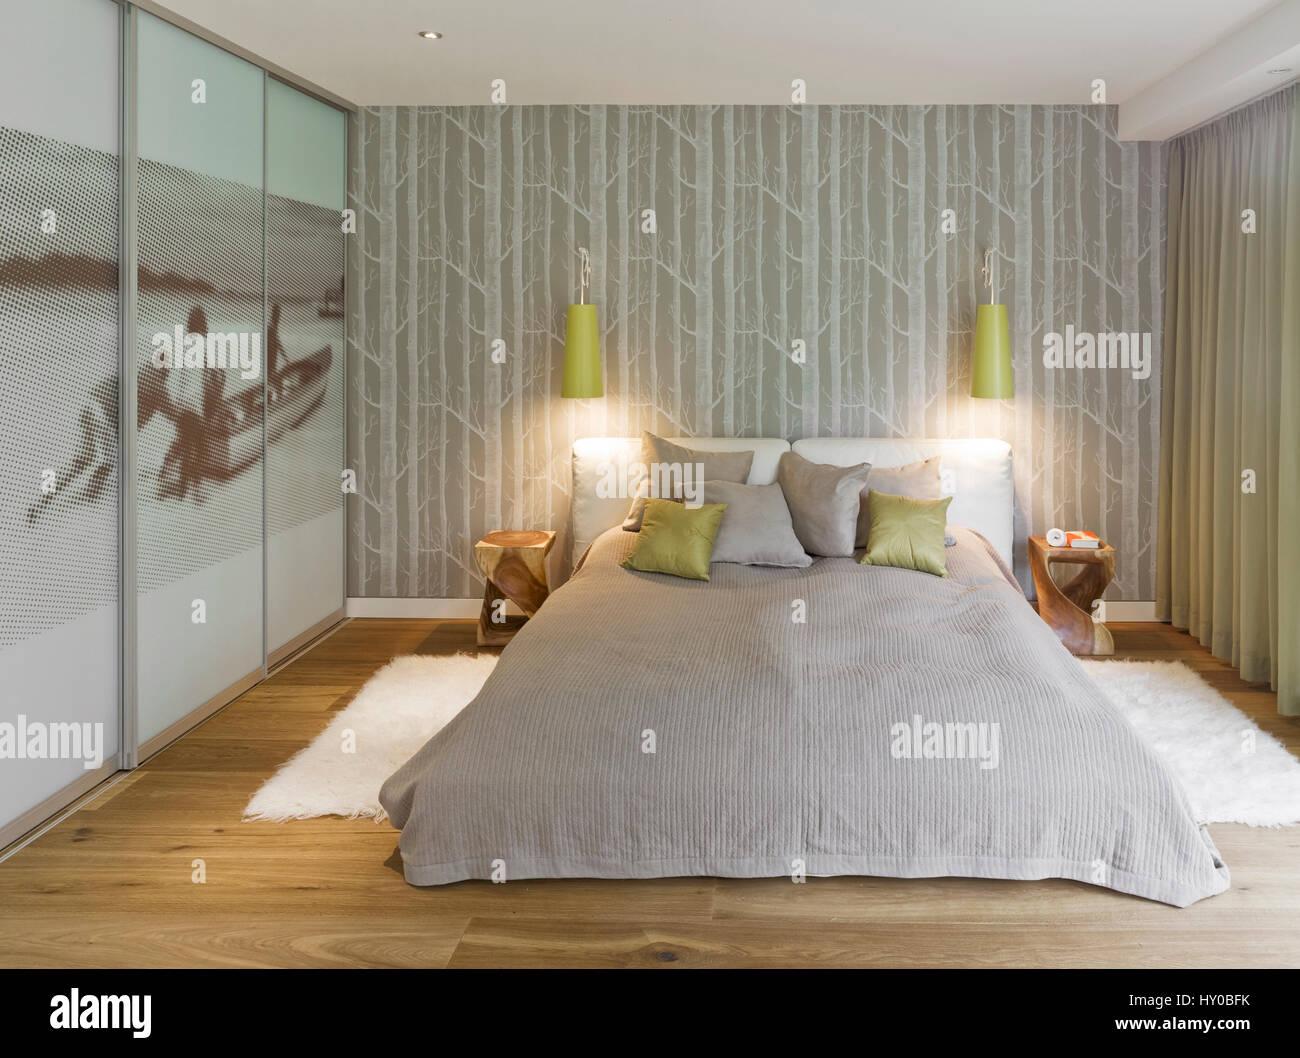 einfamilienhaus stockfotos einfamilienhaus bilder alamy. Black Bedroom Furniture Sets. Home Design Ideas